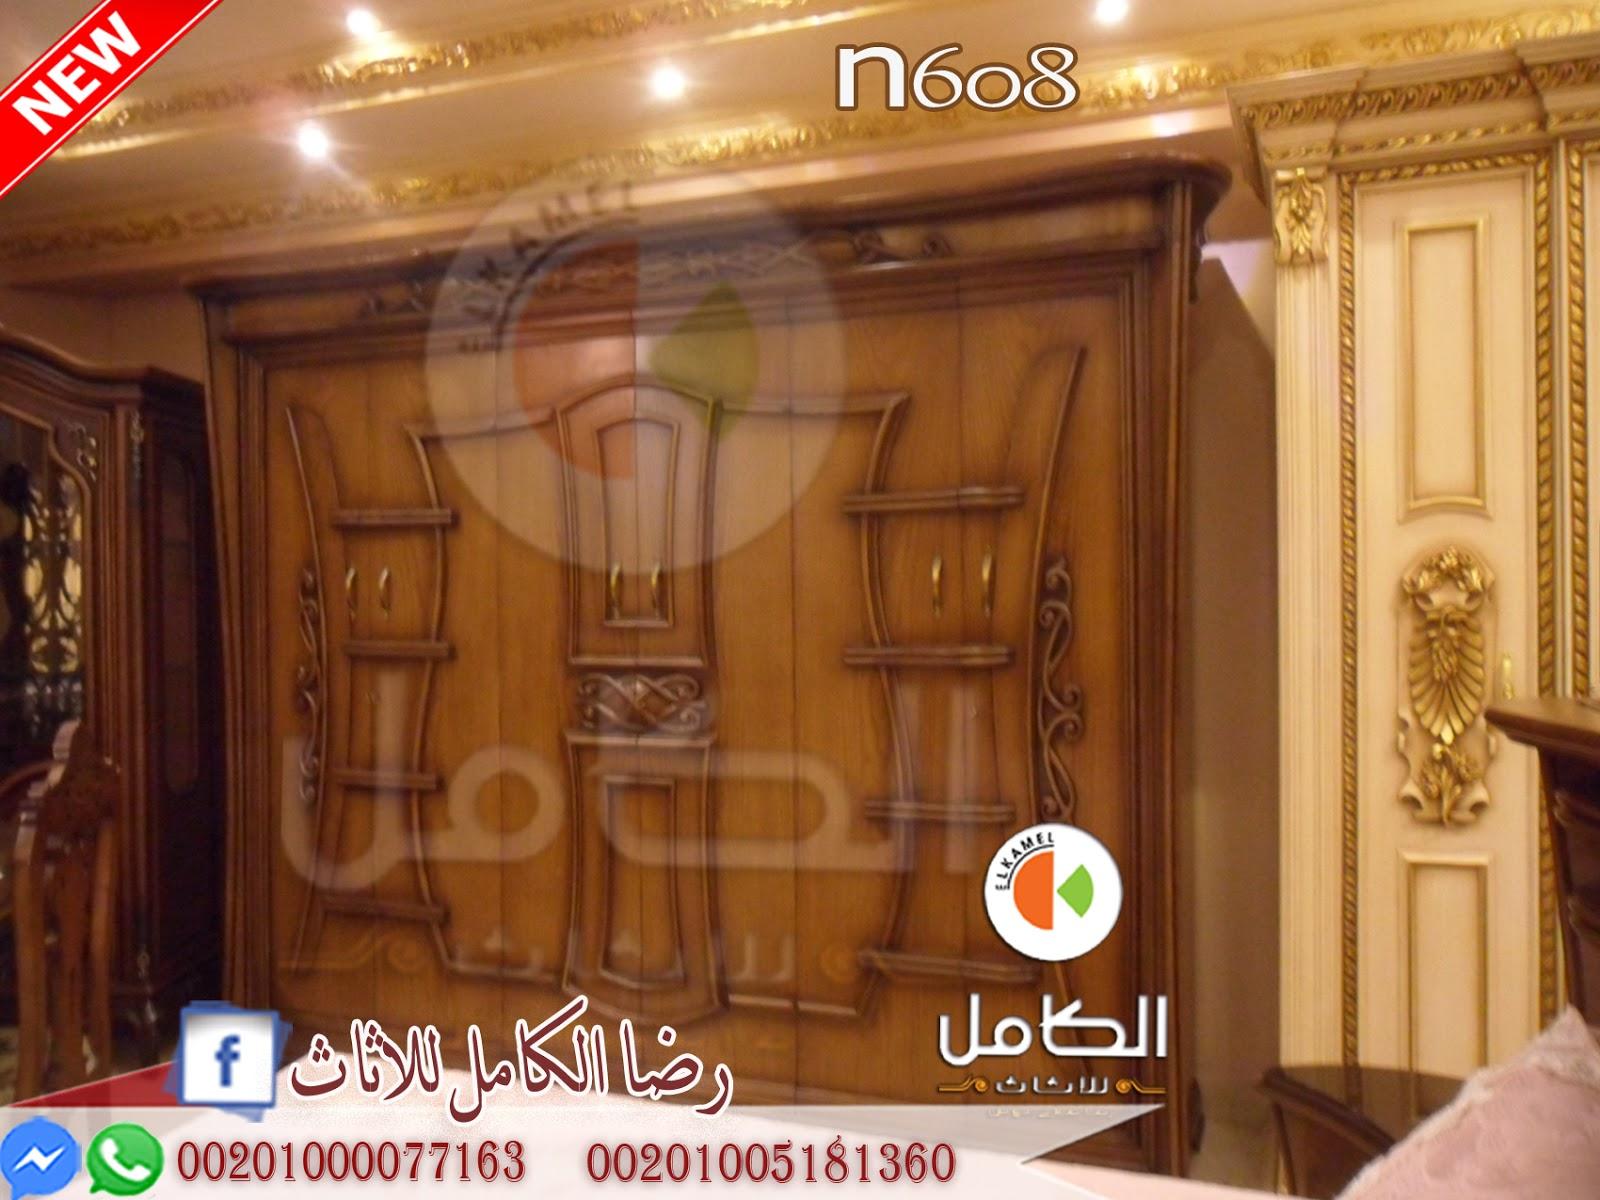 غرف نوم كلاسيك دمياط 2019 و 2020 استيل باجود الخامات وادق التفاصيل